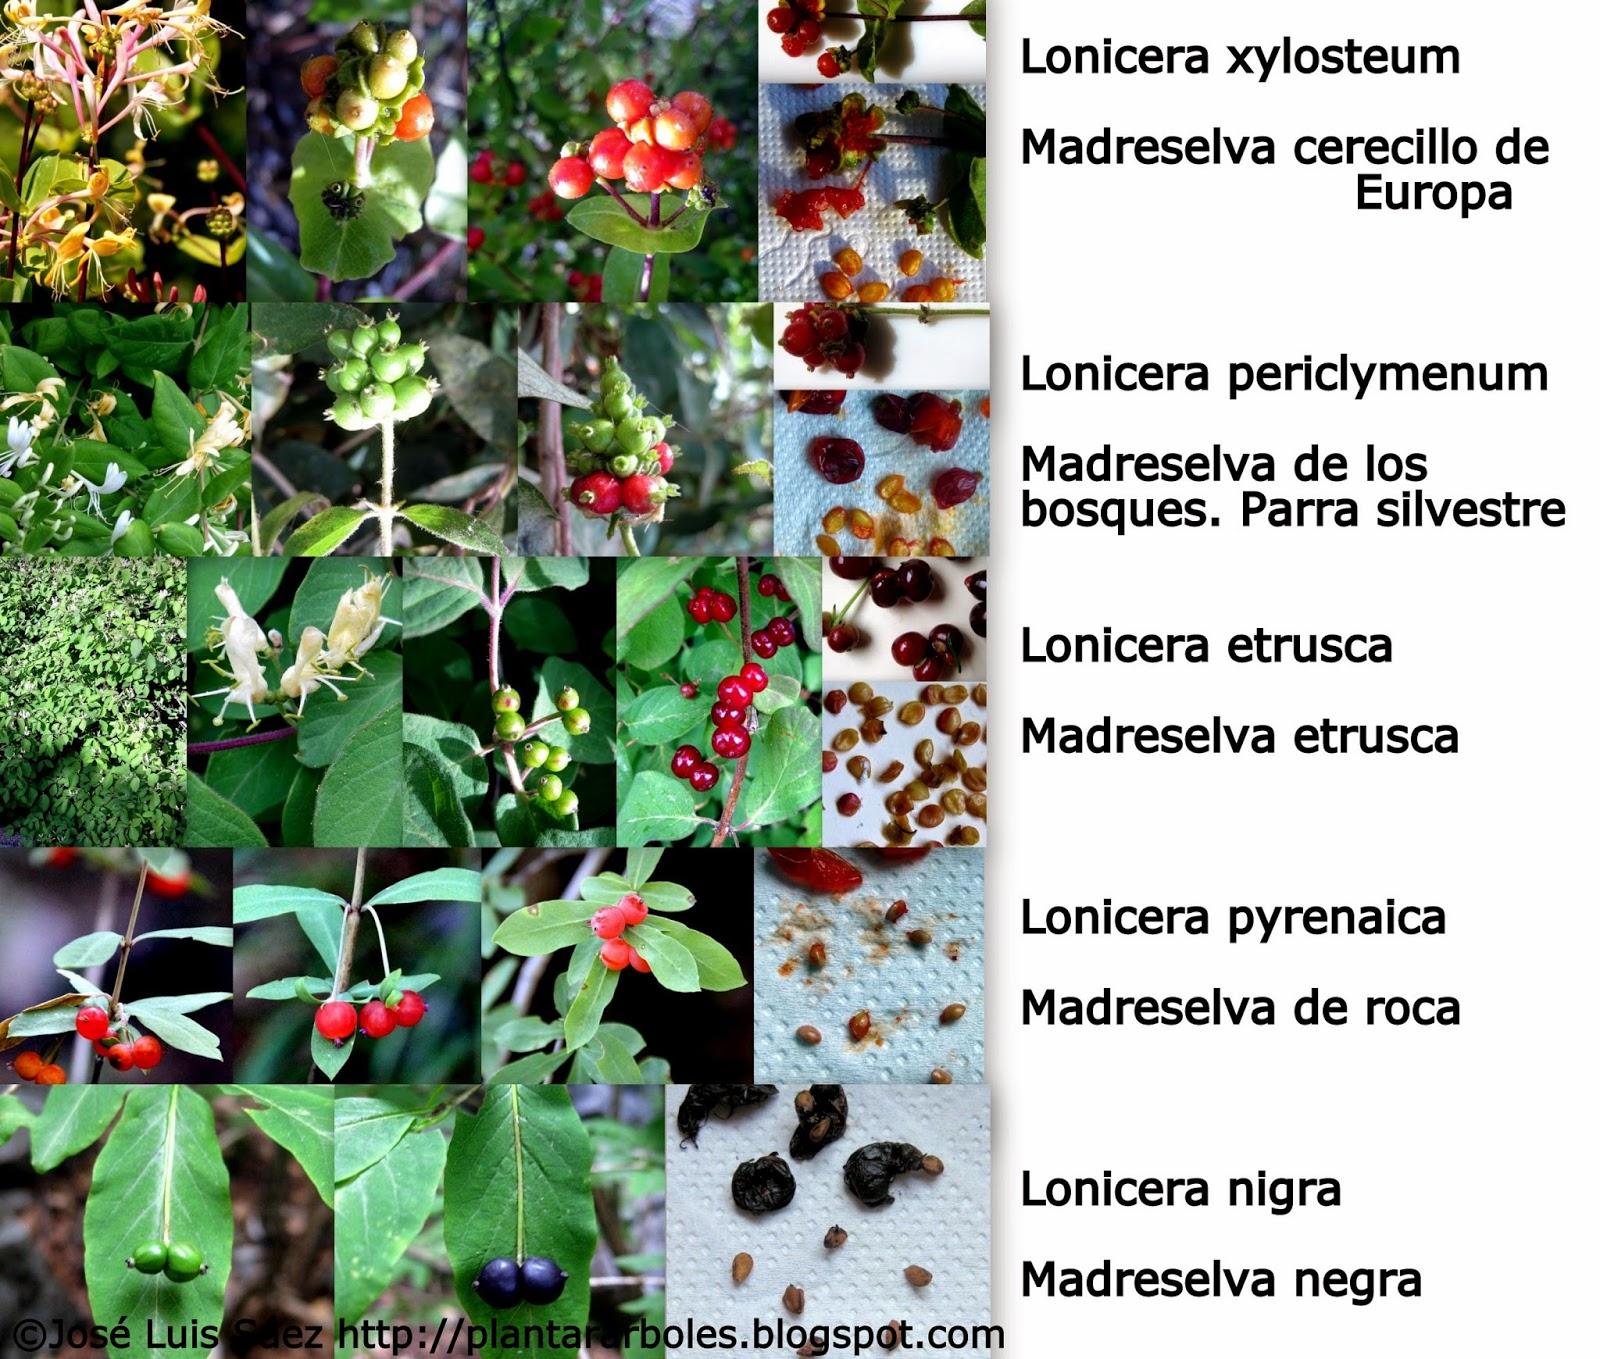 Nombres Flor Amarillo Flores - Imagenes De Todas Las Flores Con Sus Nombres